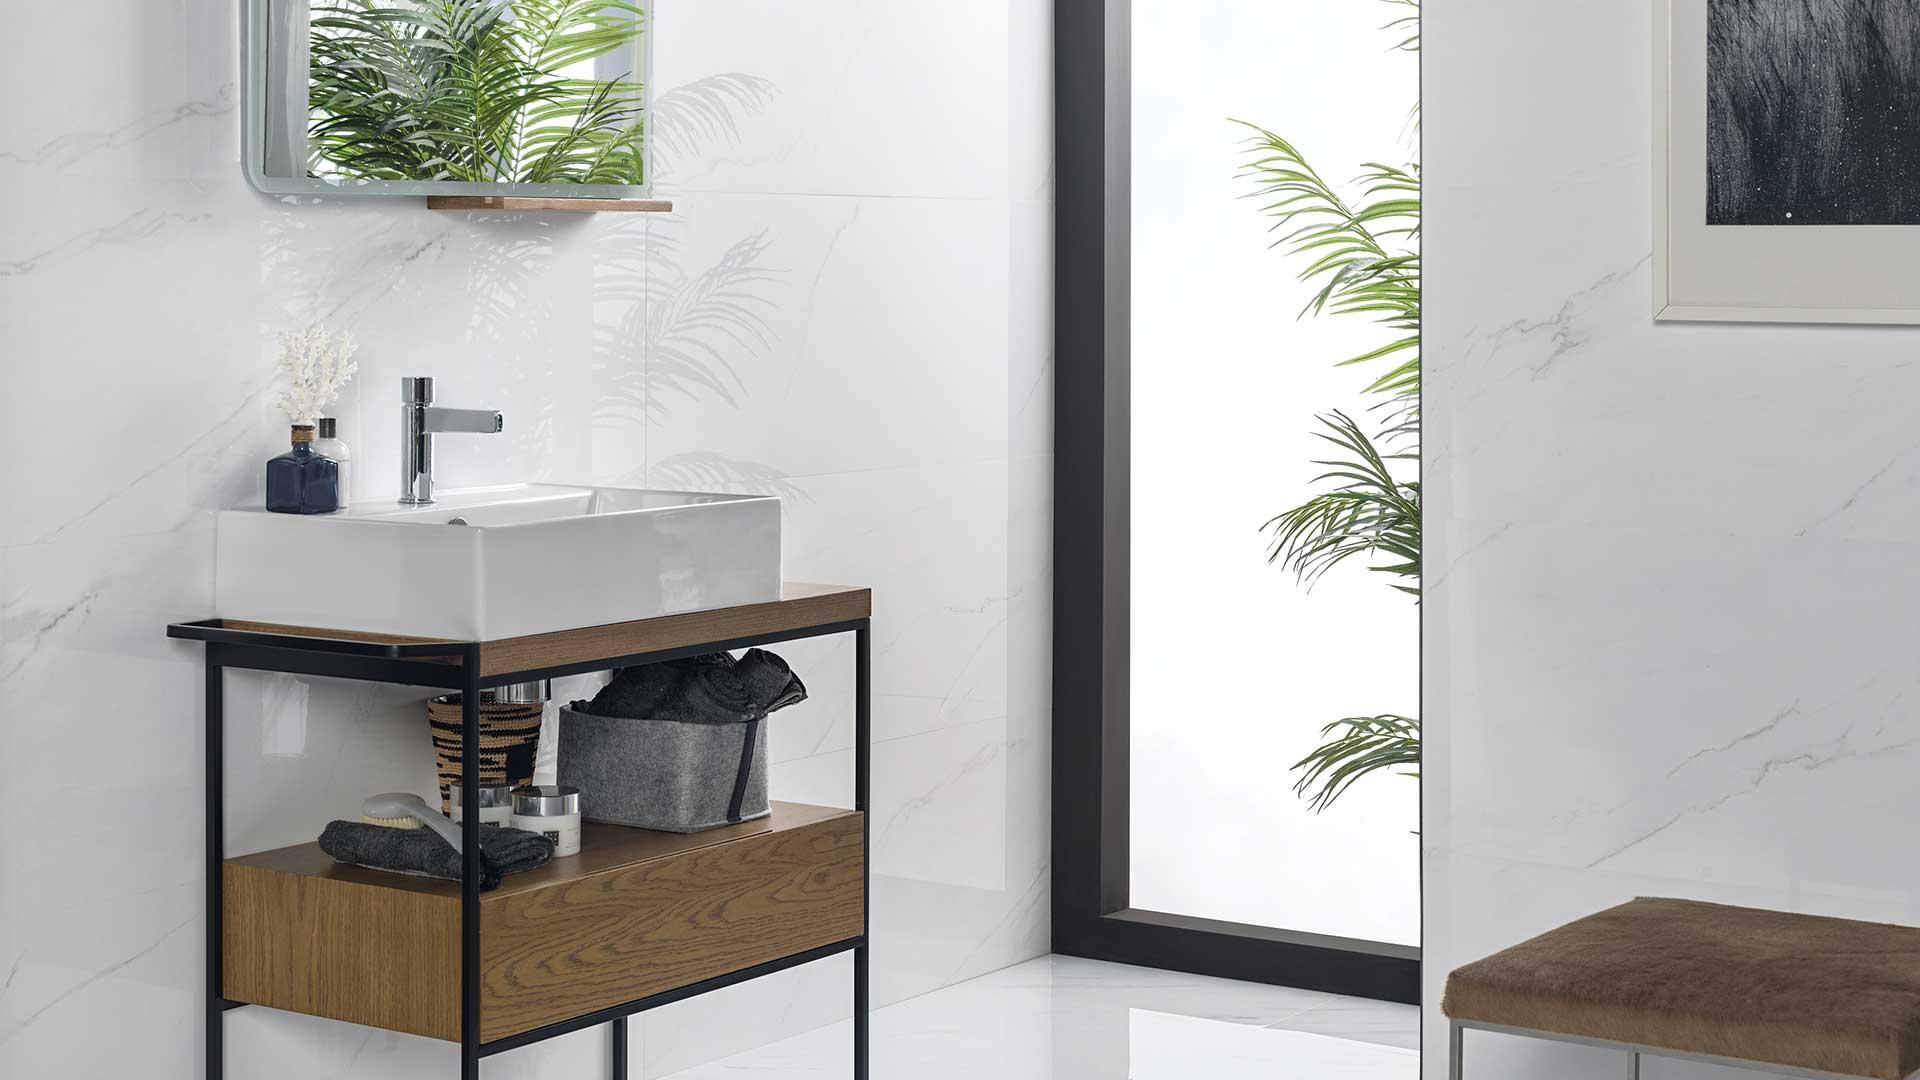 Casa Feng Shui Comment Obtenir Une Salle De Bains De Style Feng Shui Noken